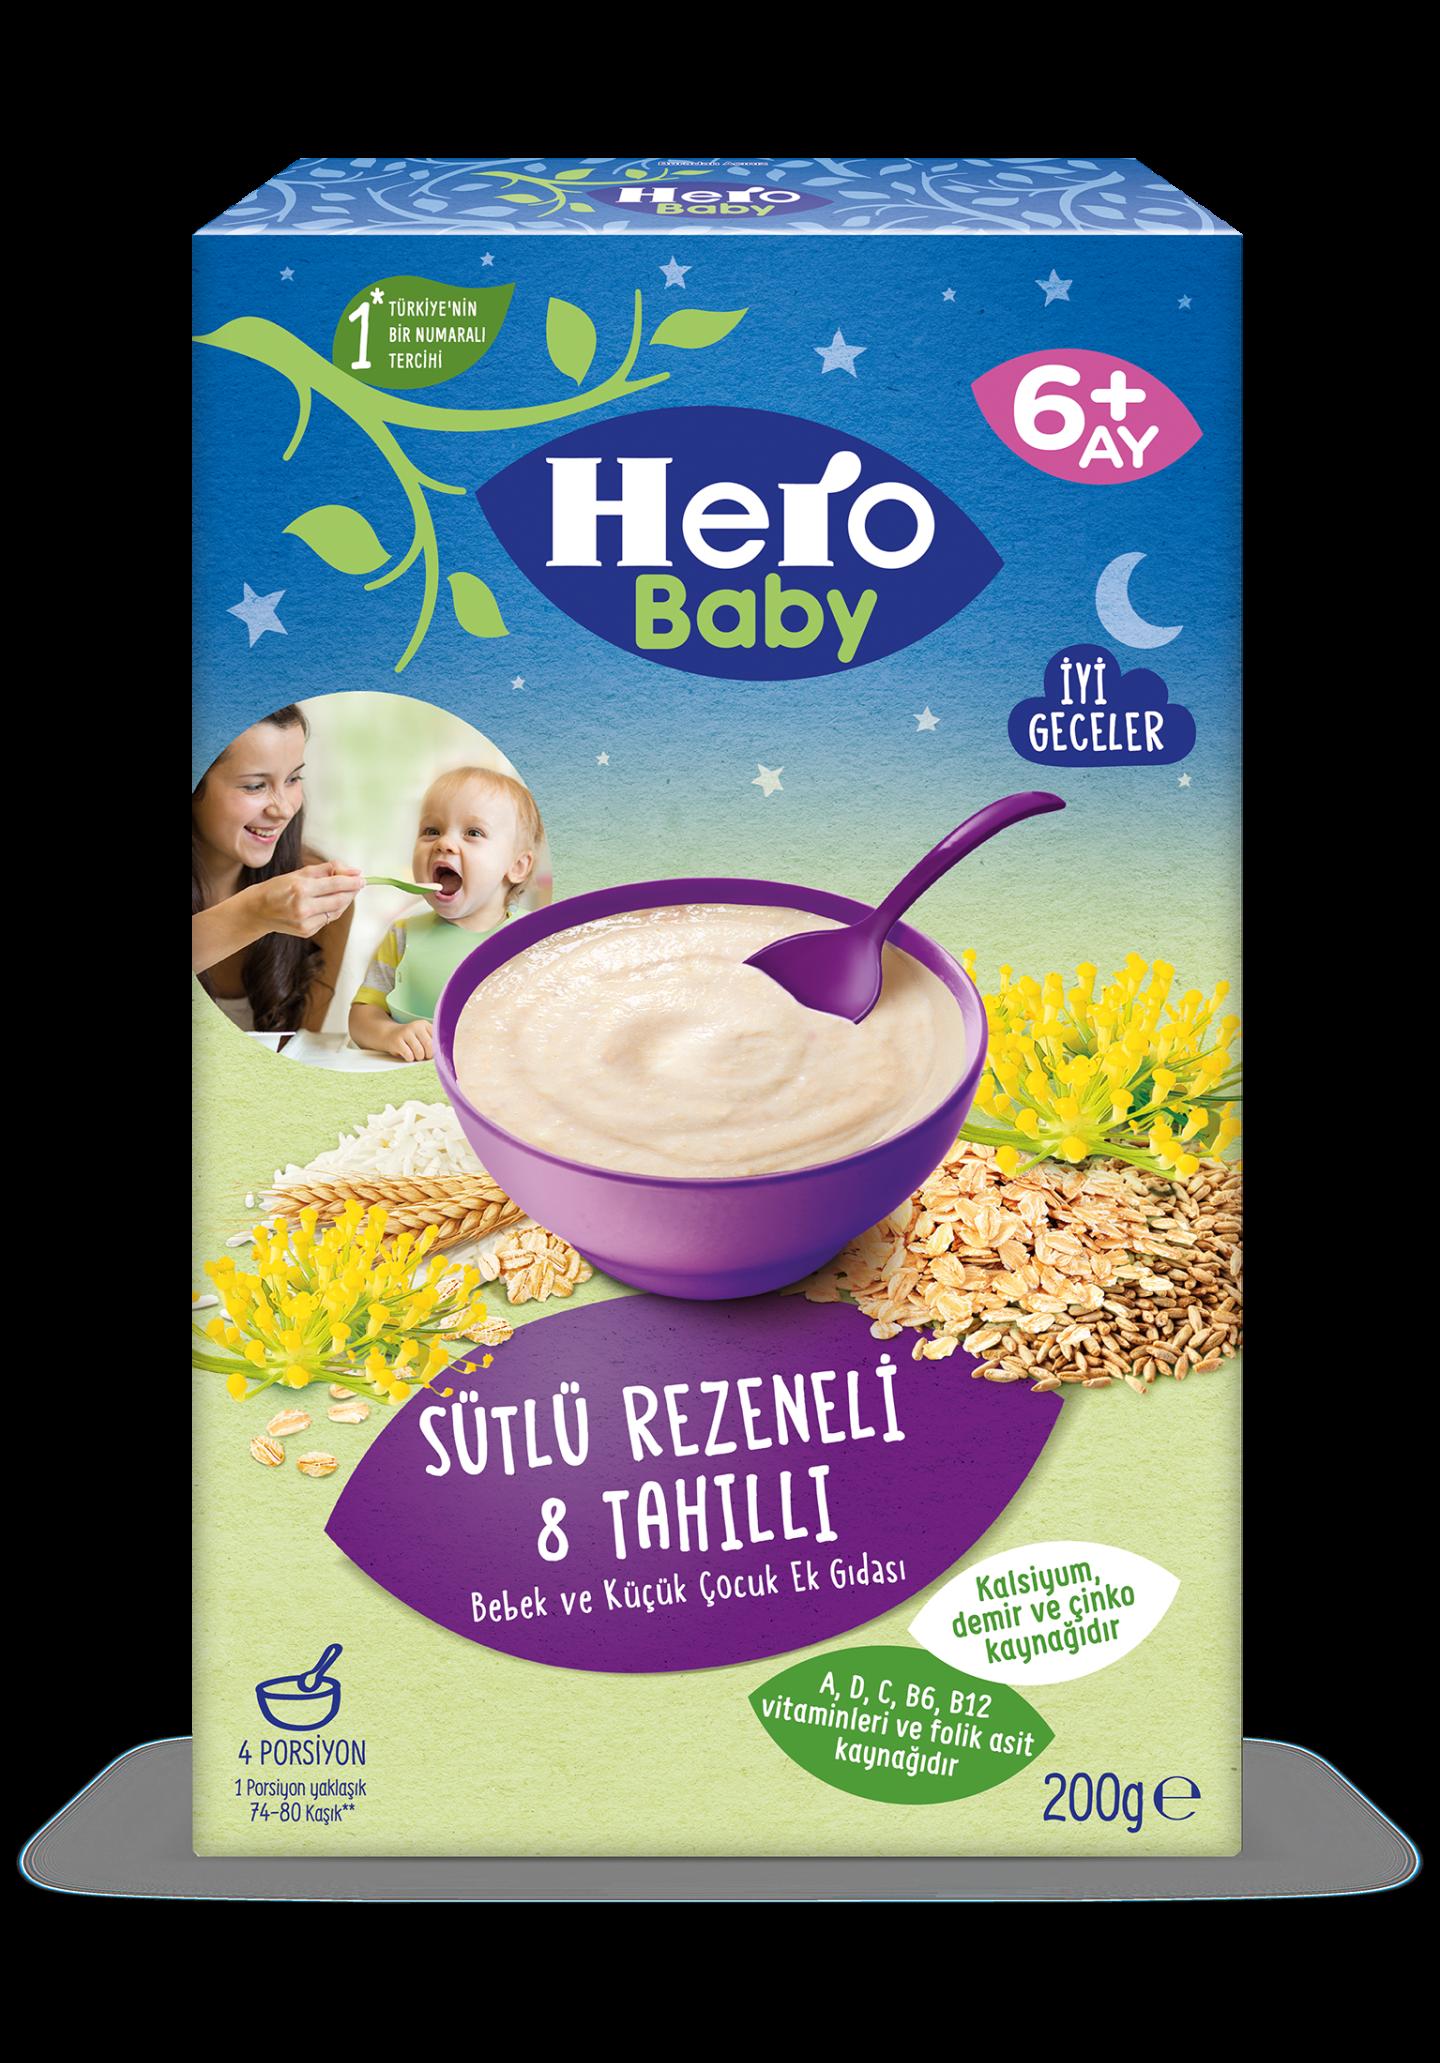 Sütlü Rezeneli 8 Tahıllı